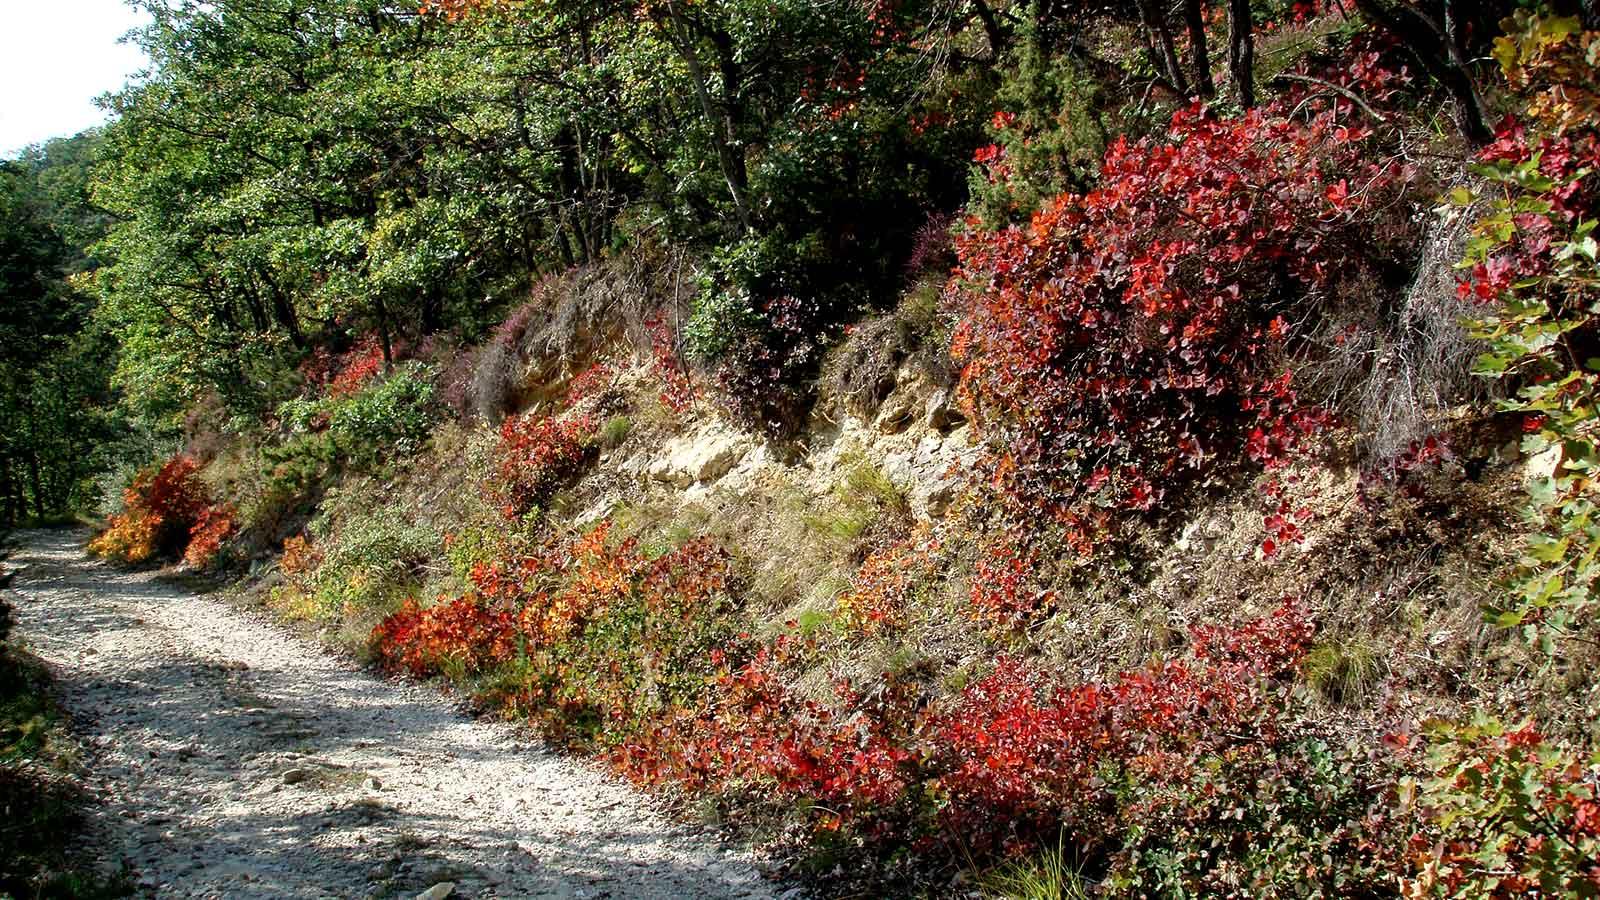 Chemin au cœur de la végétation verte et rouge de la forêt de Saoû.